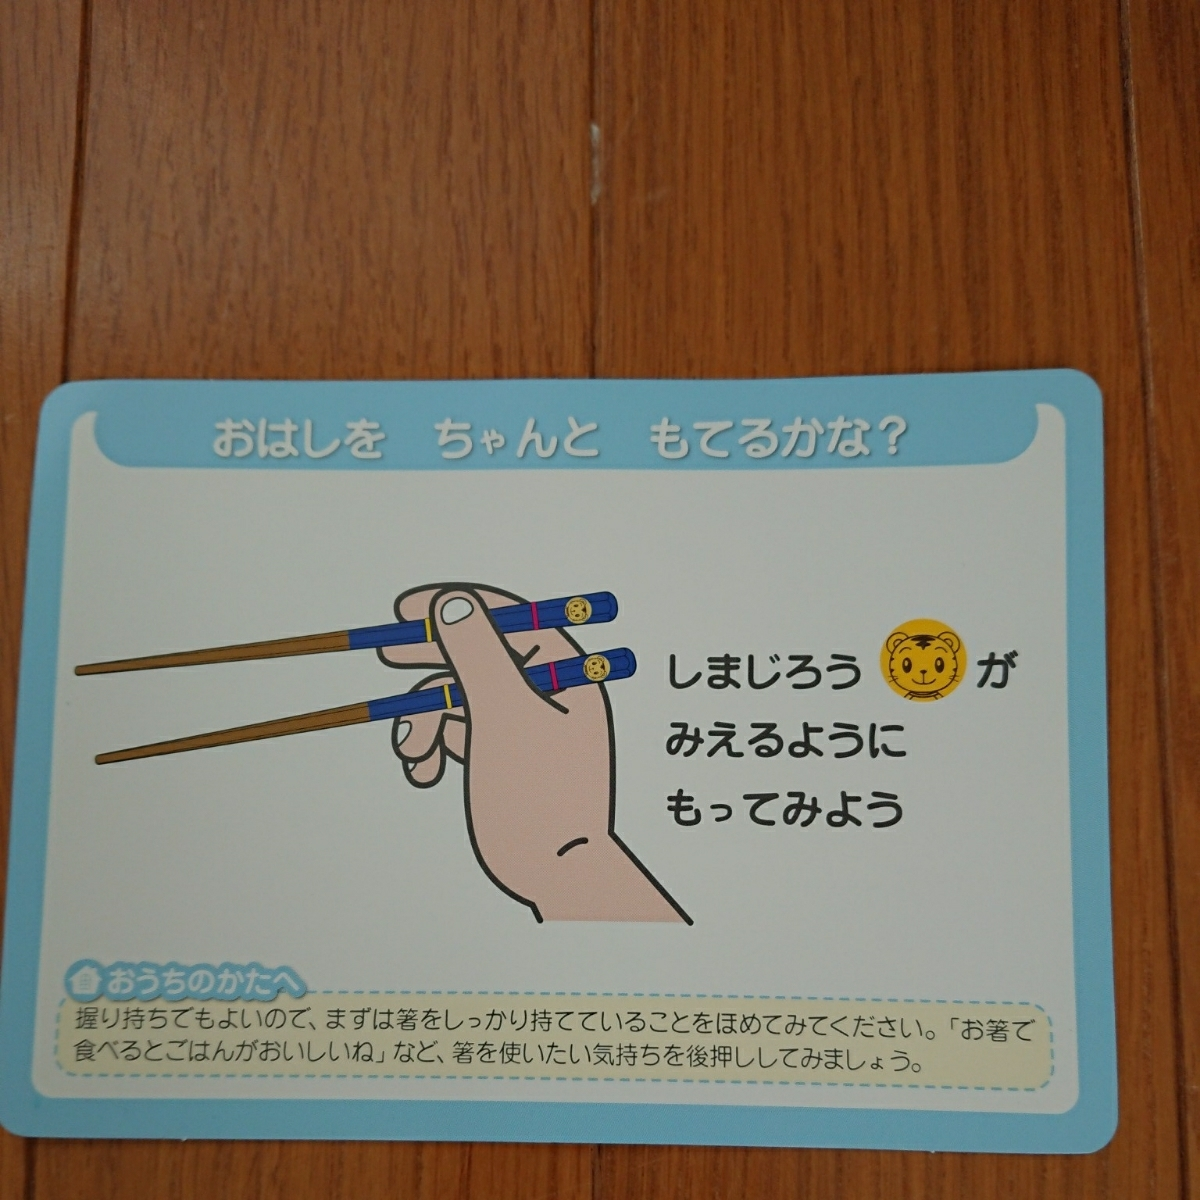 しまじろう はじめての子ども箸&持ち方応援カード 2~3歳用(13cm)親指ガイド付き 中古品 送料92円_画像3